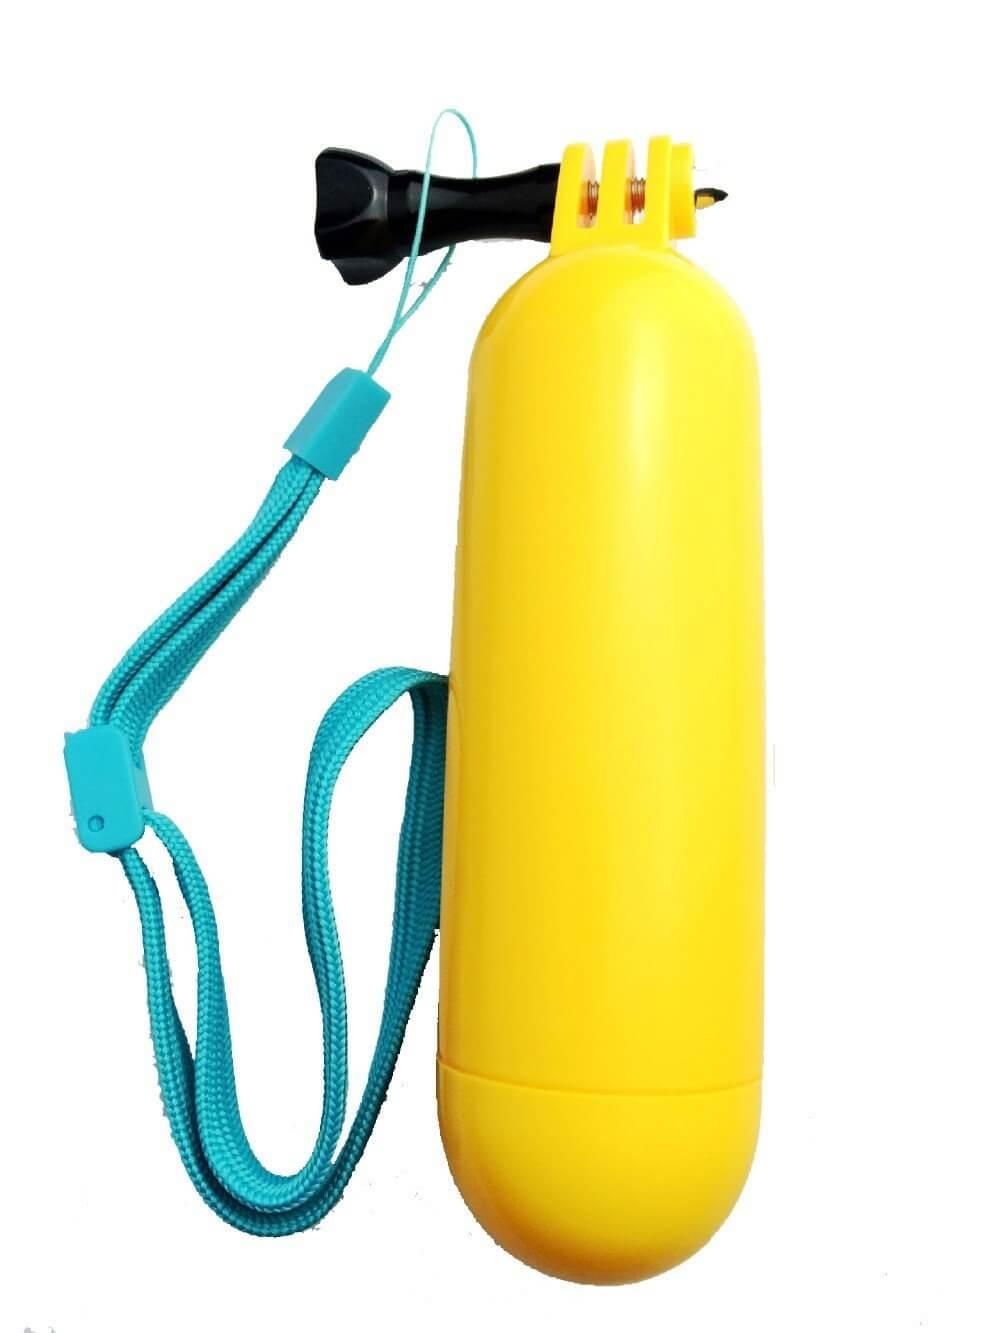 Vand udstyr til GoPro